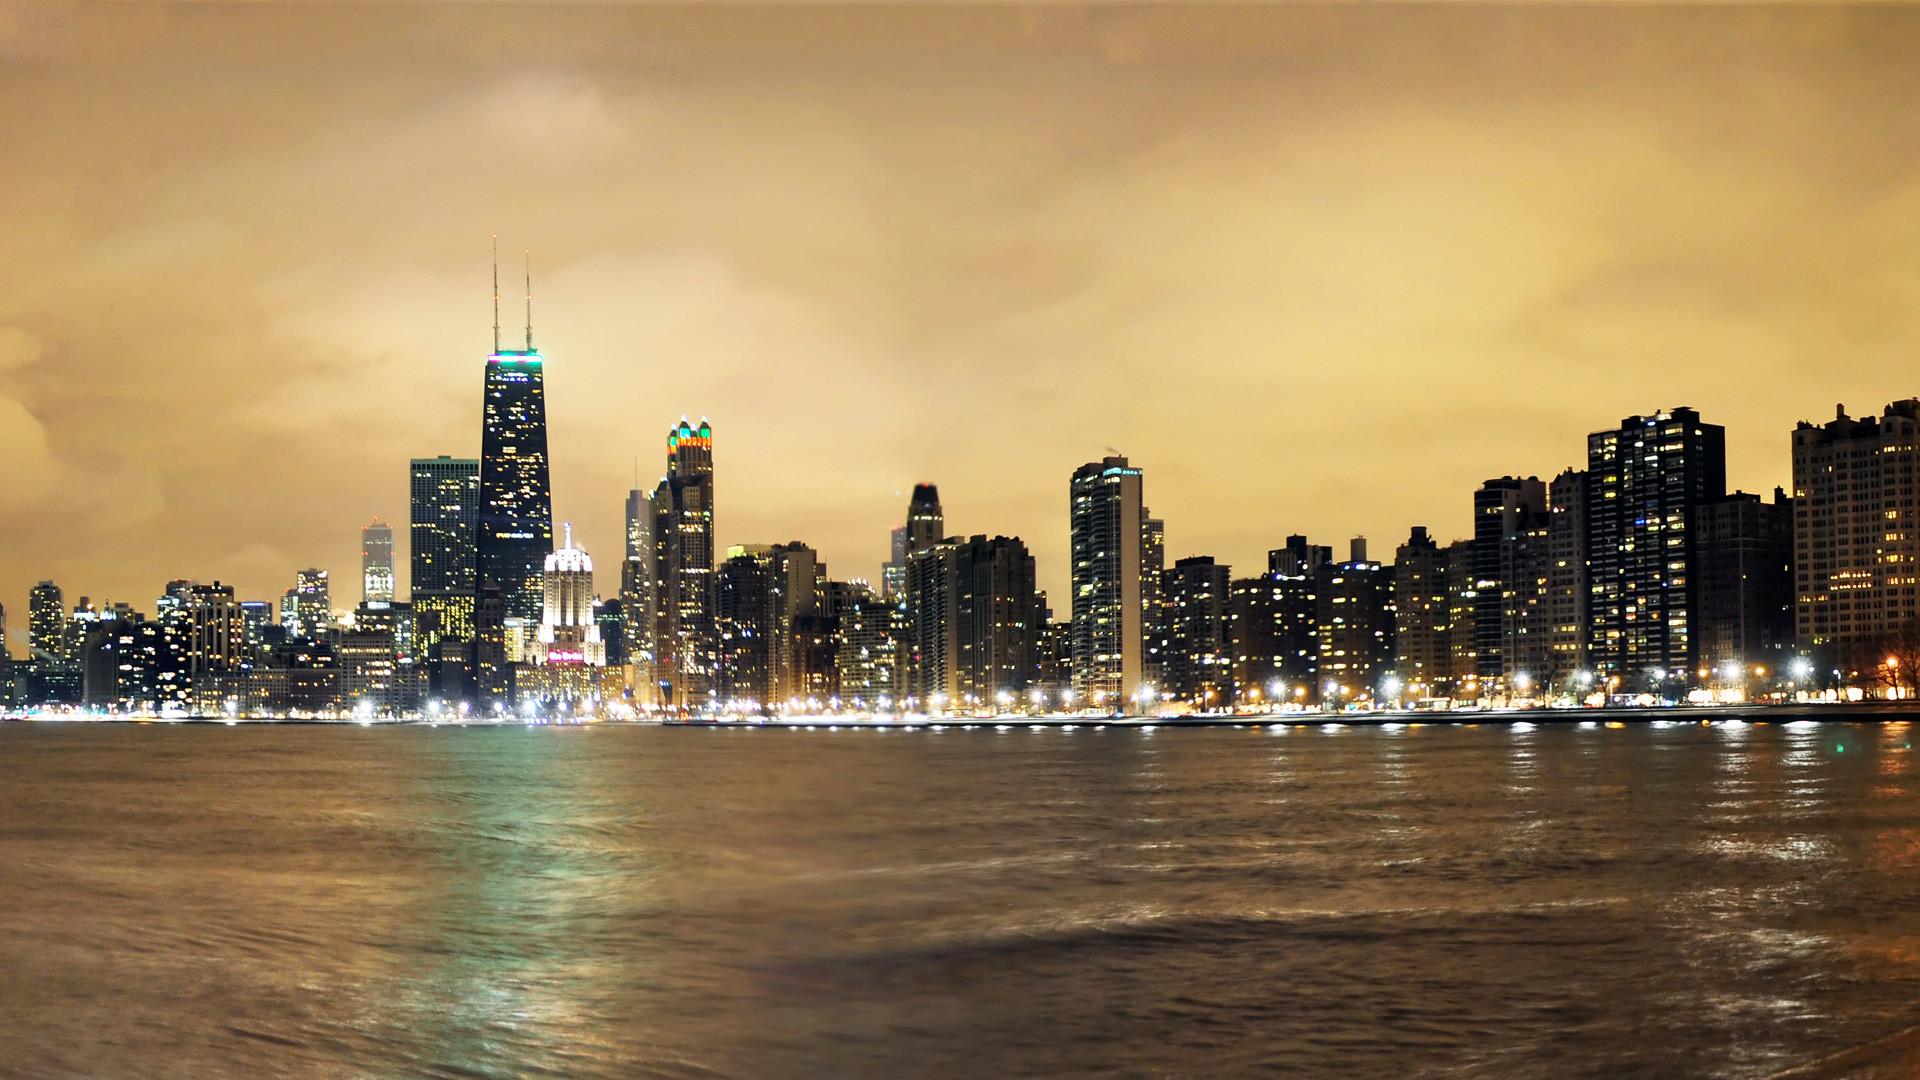 Chicago At Night Wallpaper – wallpaper.